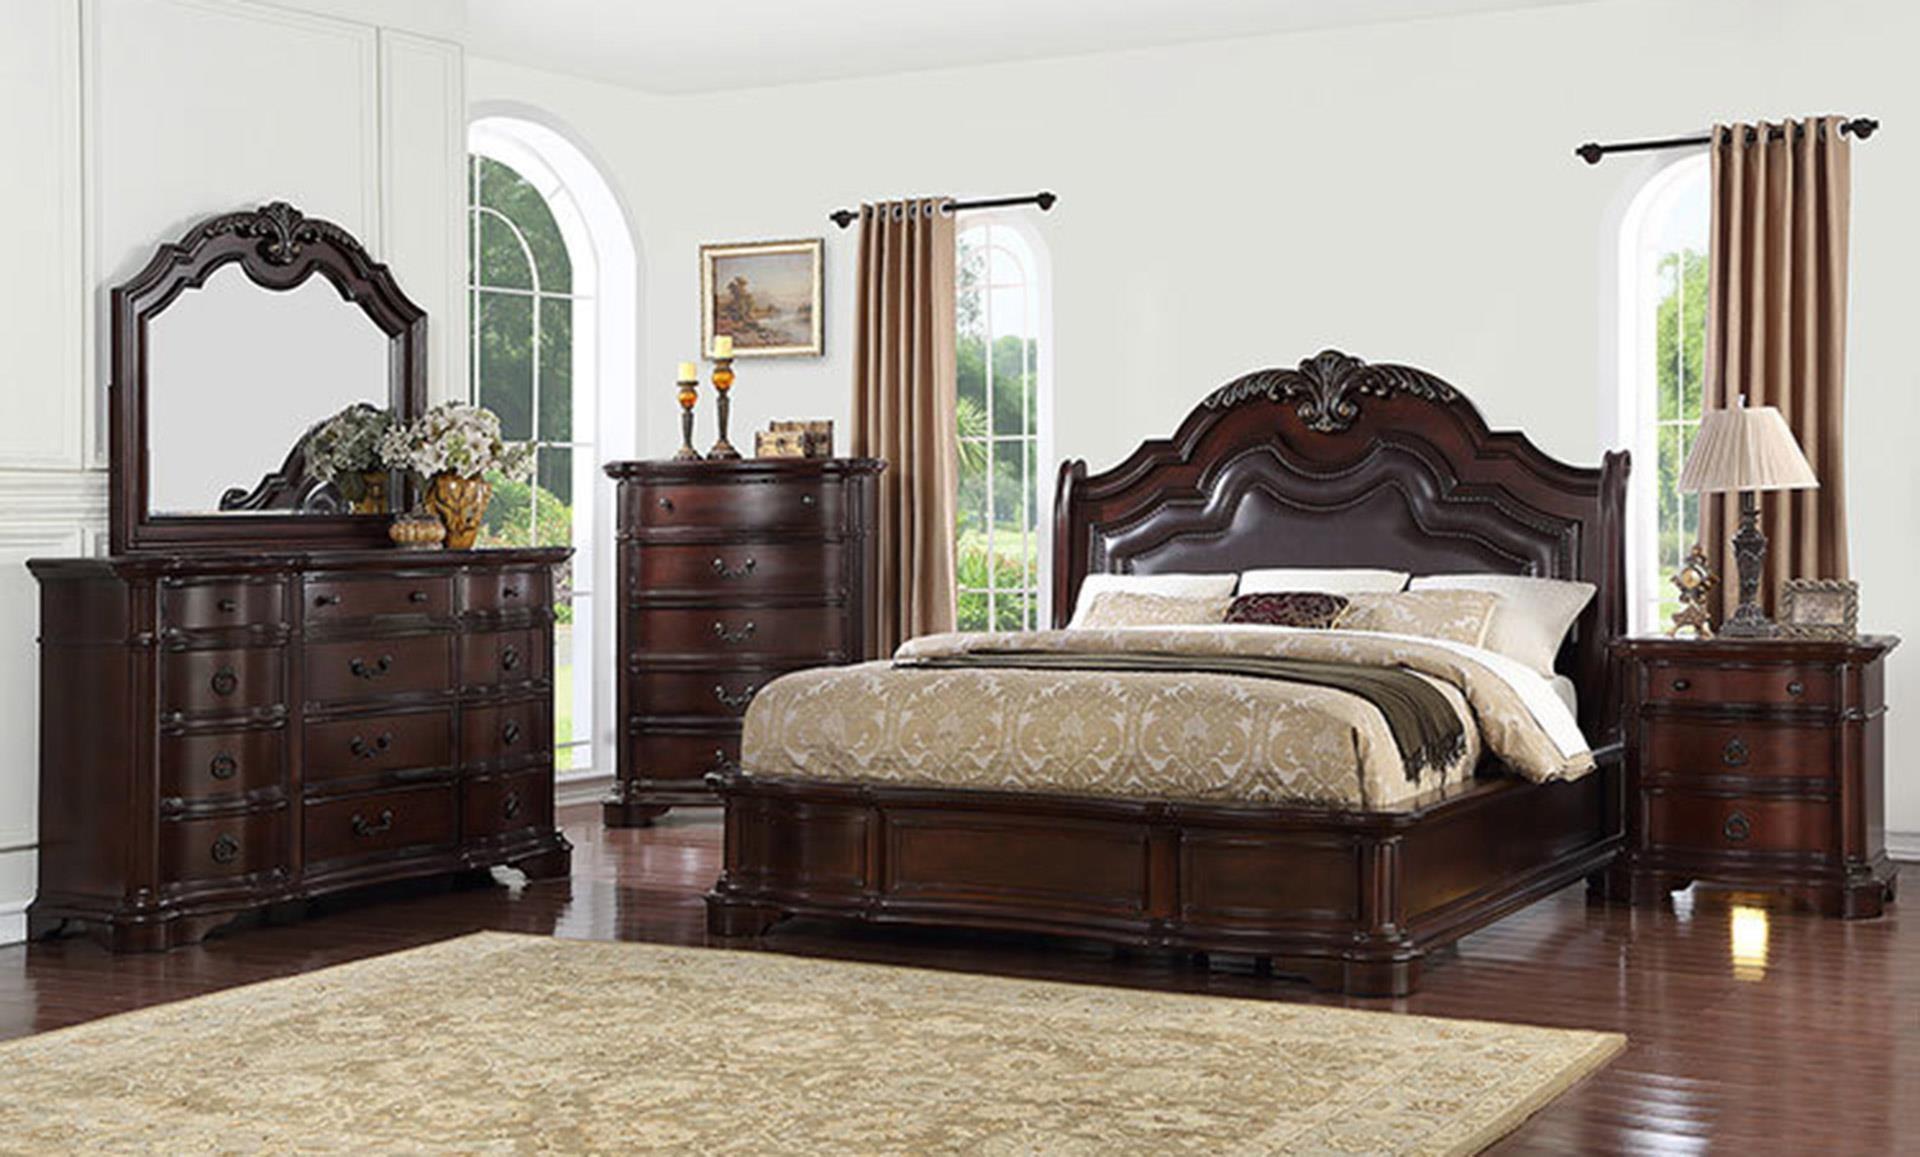 Queen Bed, Dresser, Mirror, and Nightstand with USB Port & Nightlight